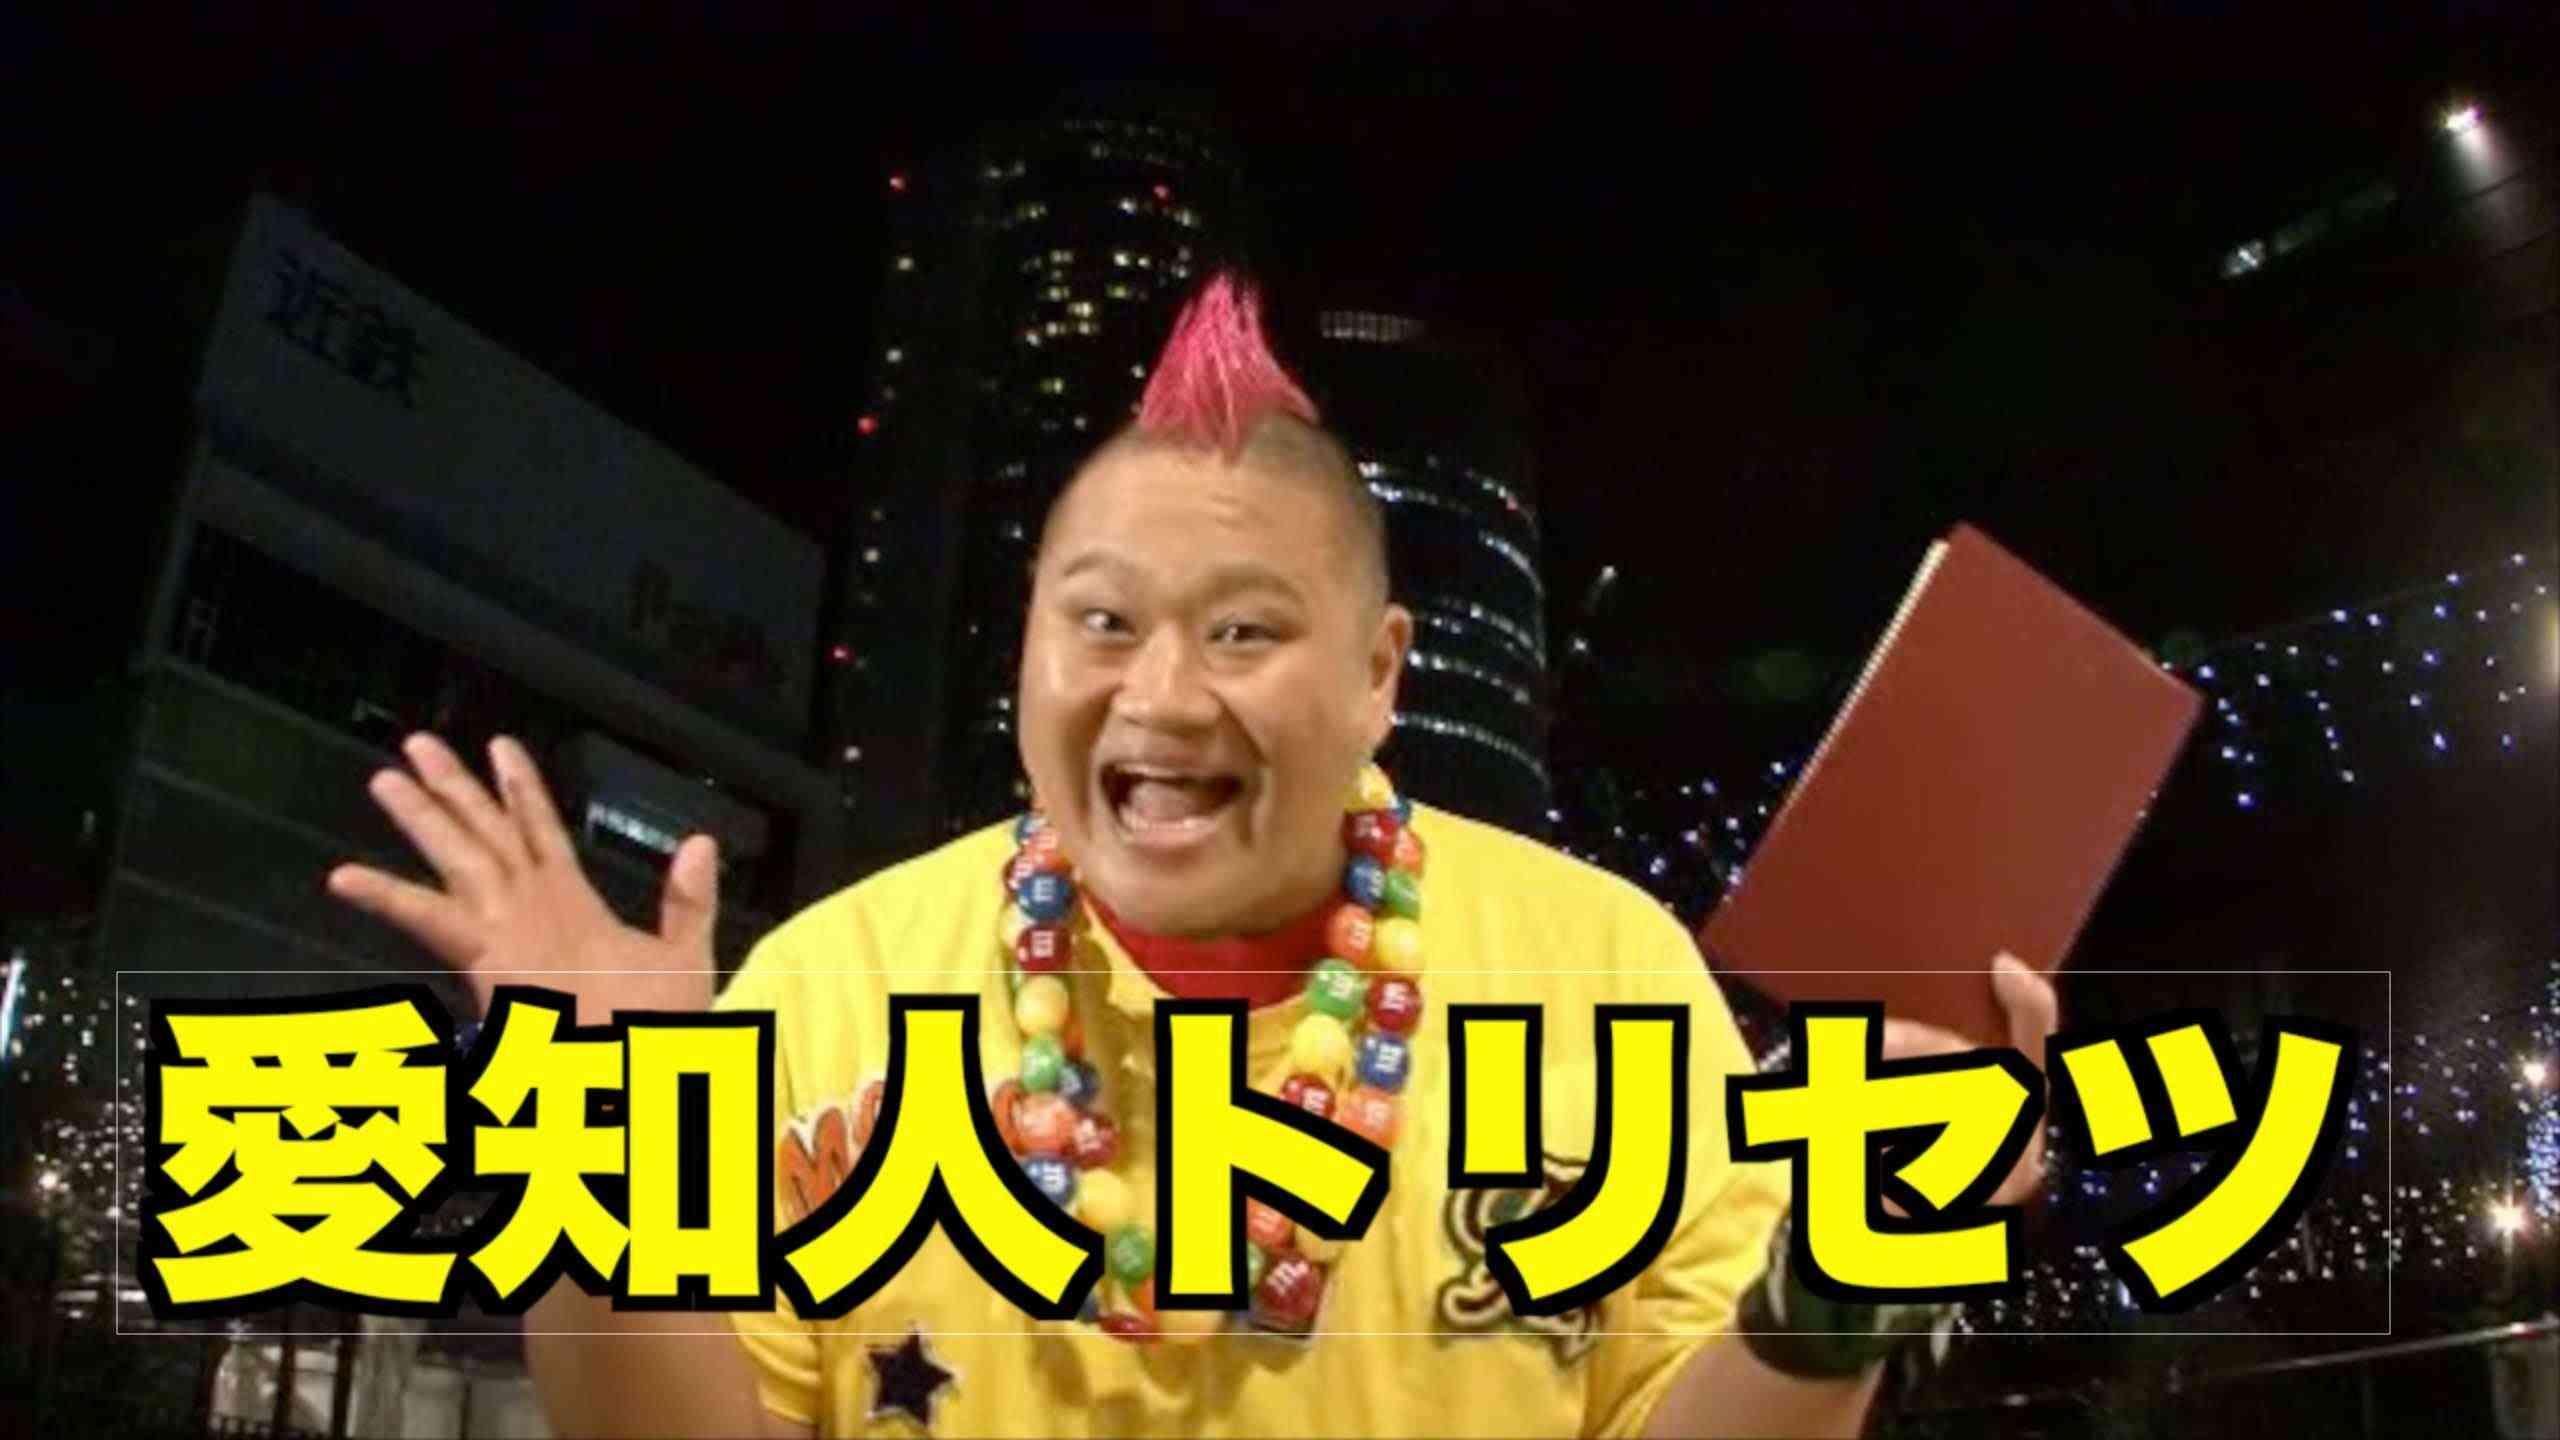 愛知人トリセツ / 西野カナ(オトコ版)映画『ヒロイン失格』主題歌 - YouTube